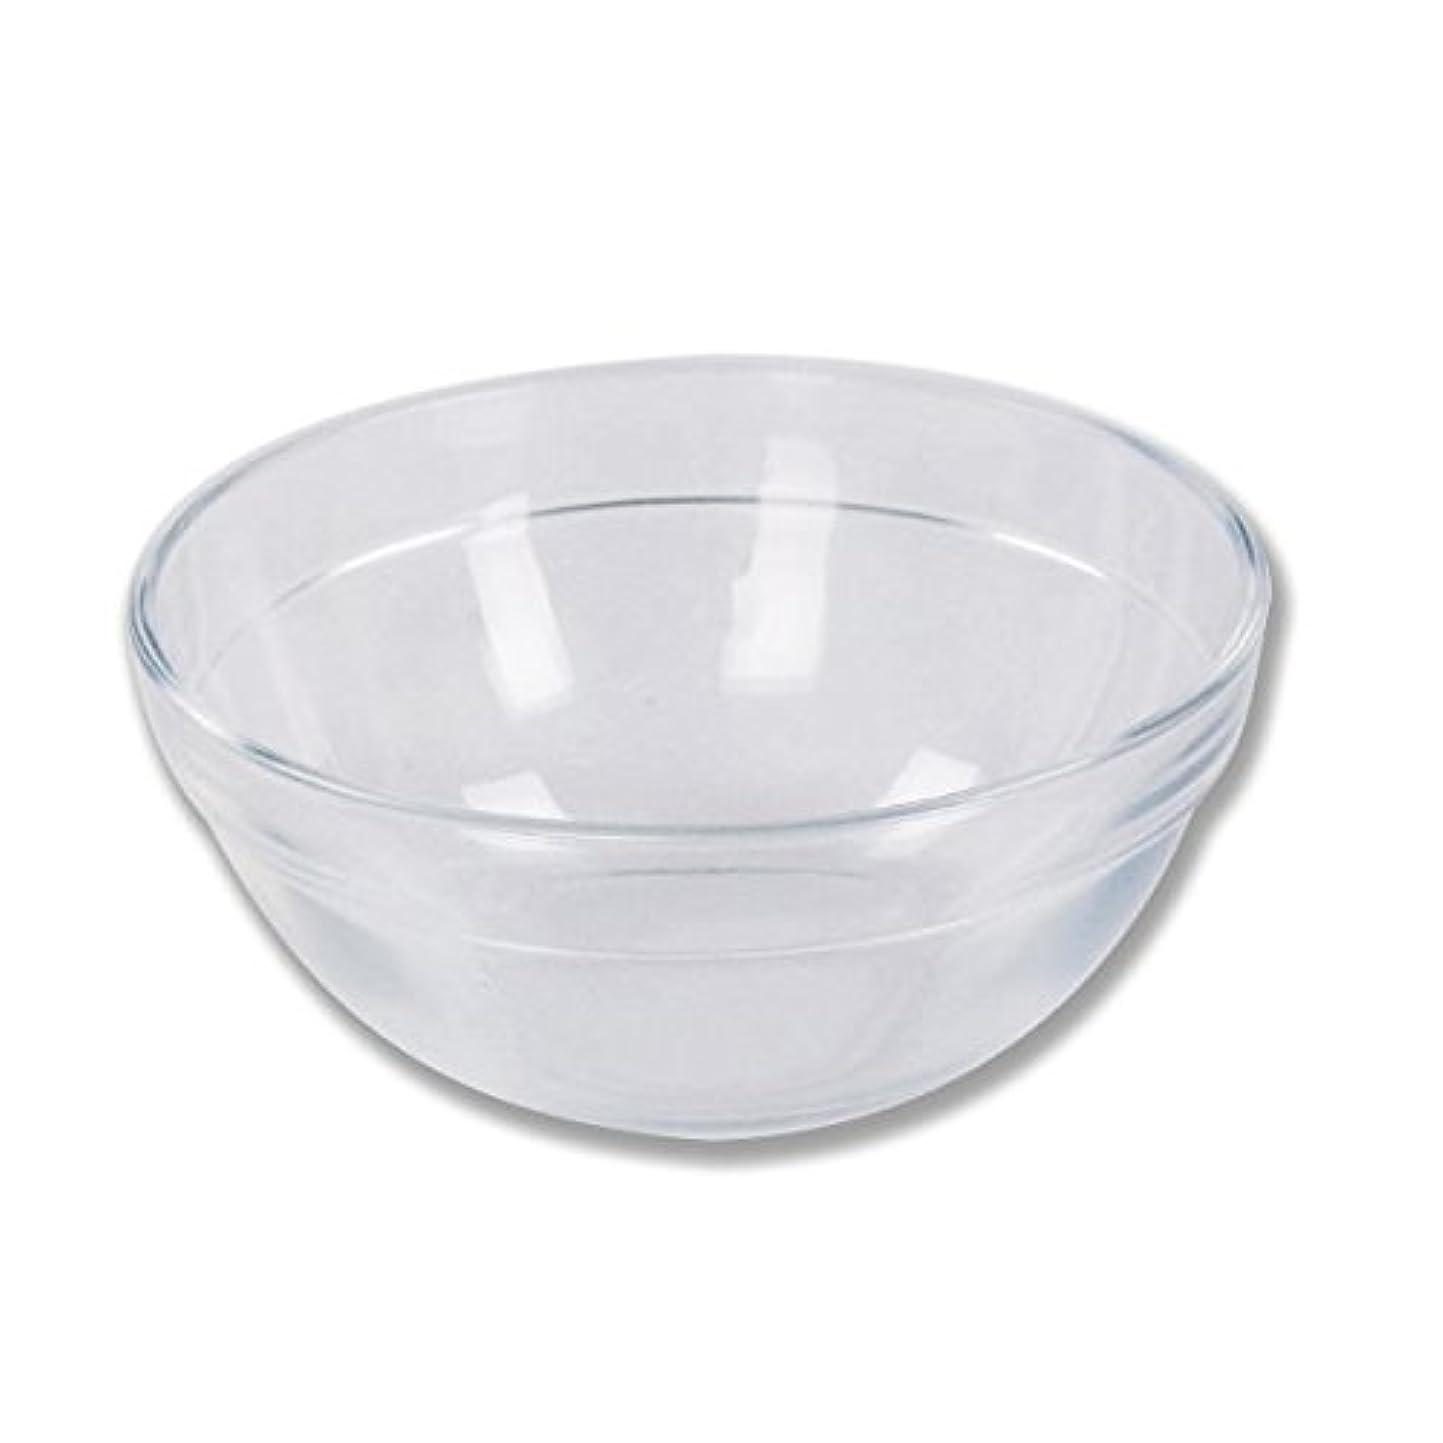 半導体に同意するパーティションガラスボウル (Sサイズ) [ ガラスボール カップボウル カップボール エステ サロン ガラス ボウル カップ 高級感 ]